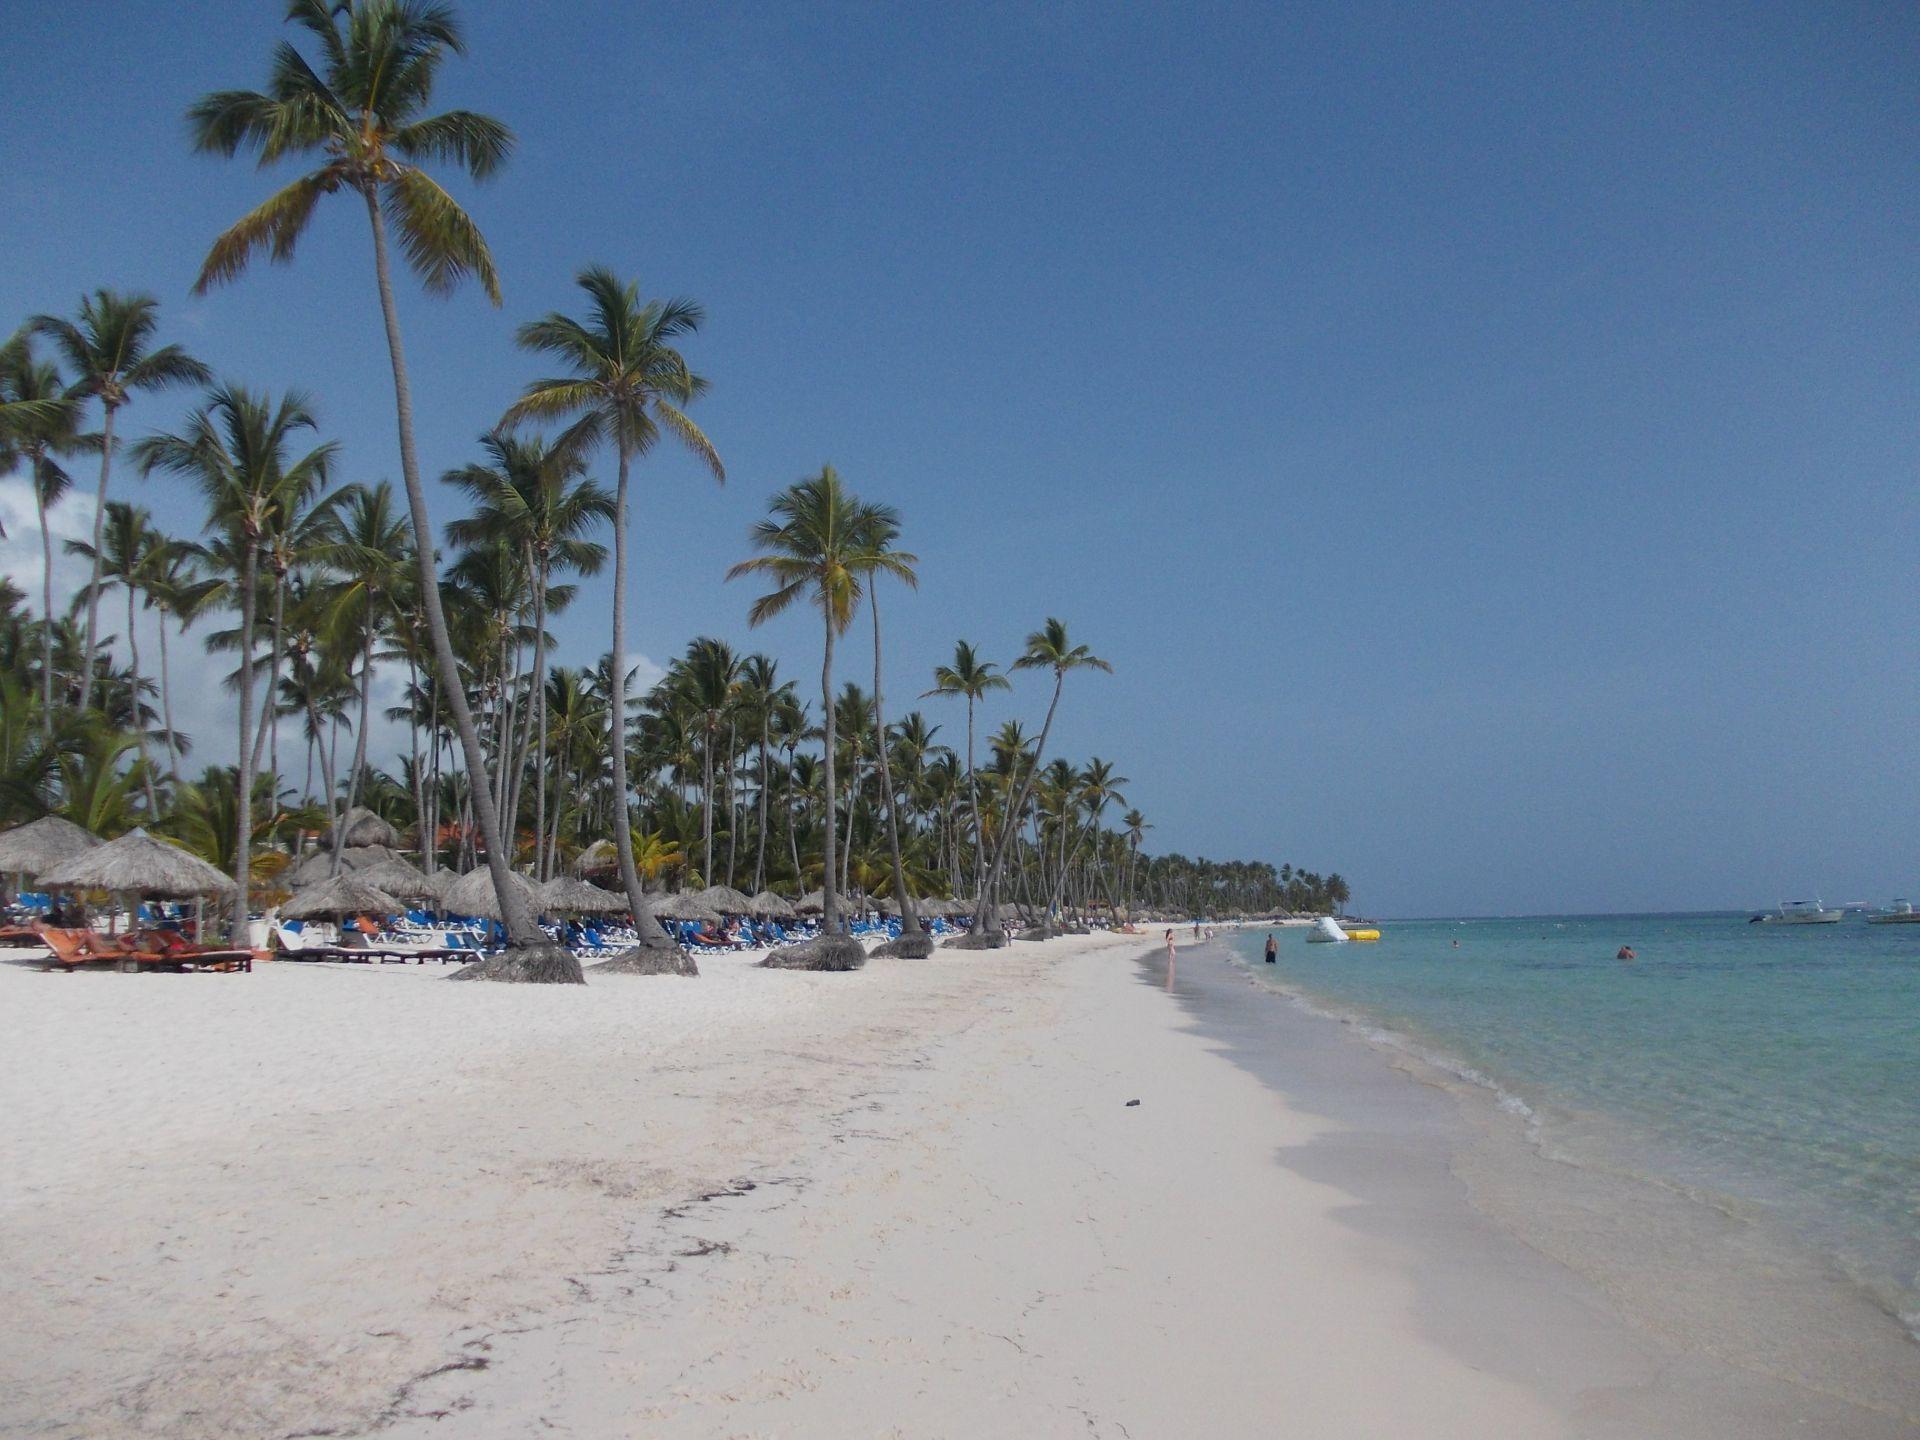 Plaja Bavaro in Punta Cana